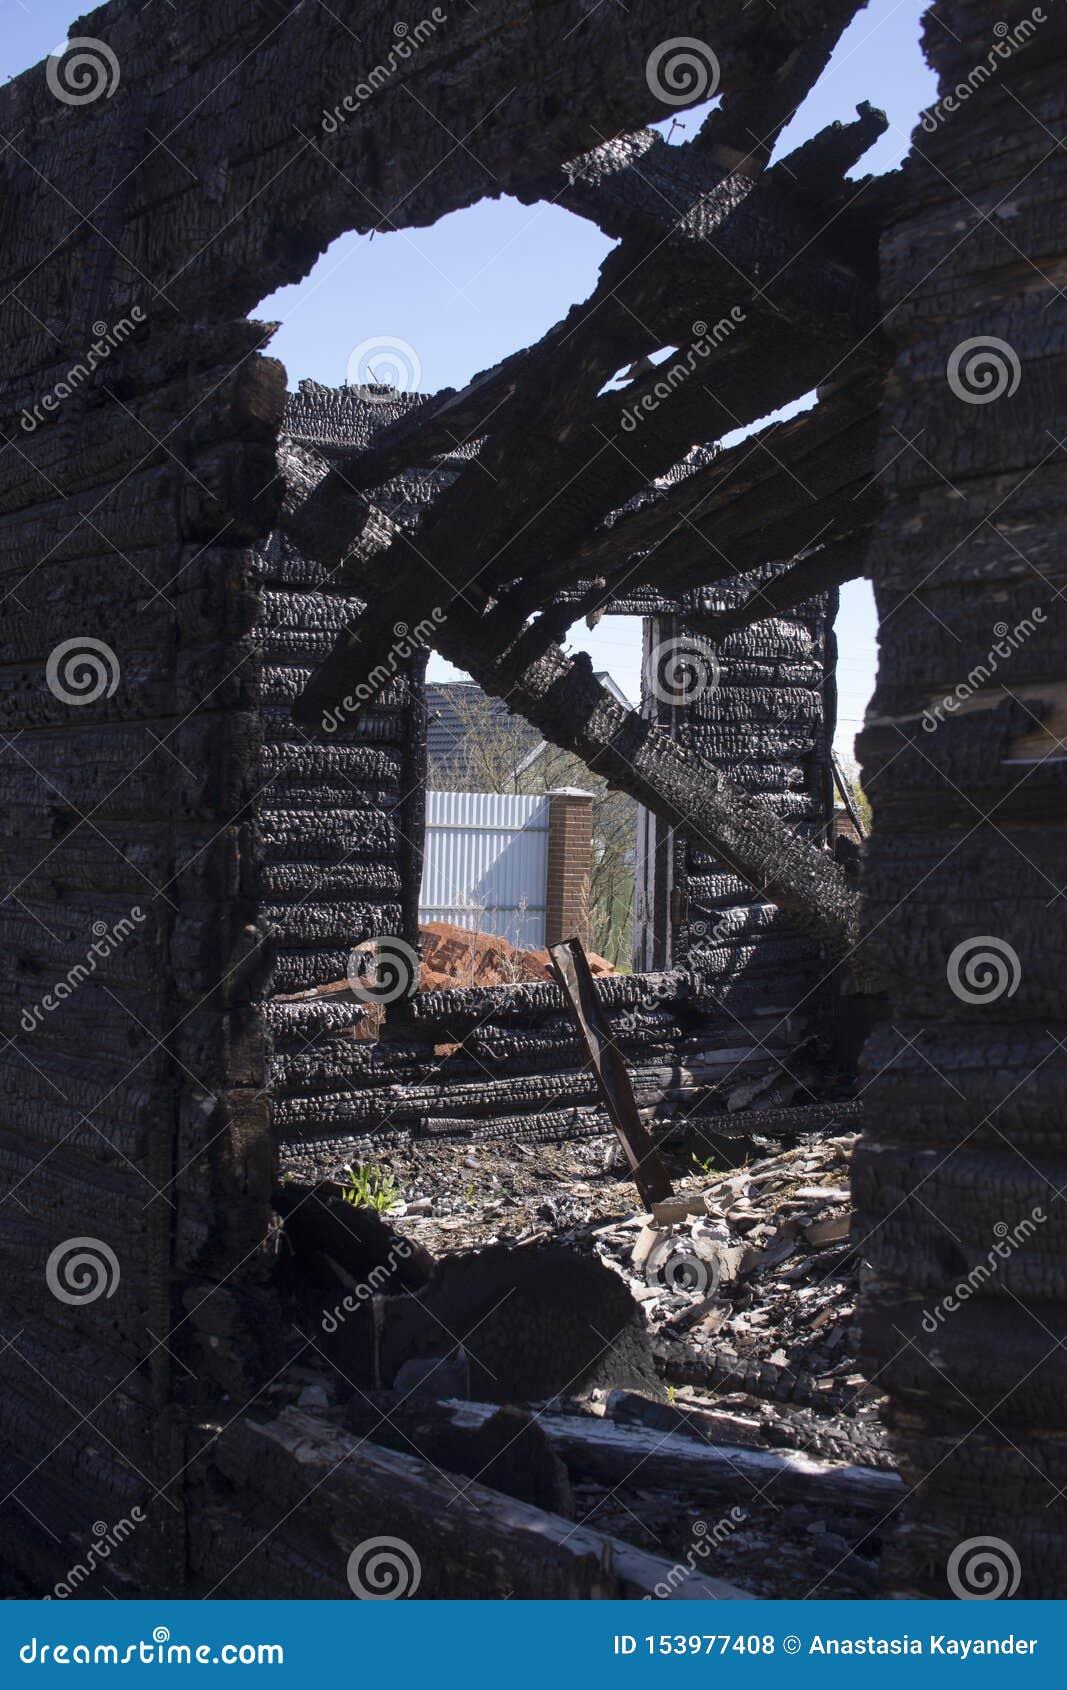 Nat?rliche Feuerasche mit dunkelgrauer schwarzer Kohlenbeschaffenheit Es ist ein brennbarer schwarzer Hardrock Copyspace